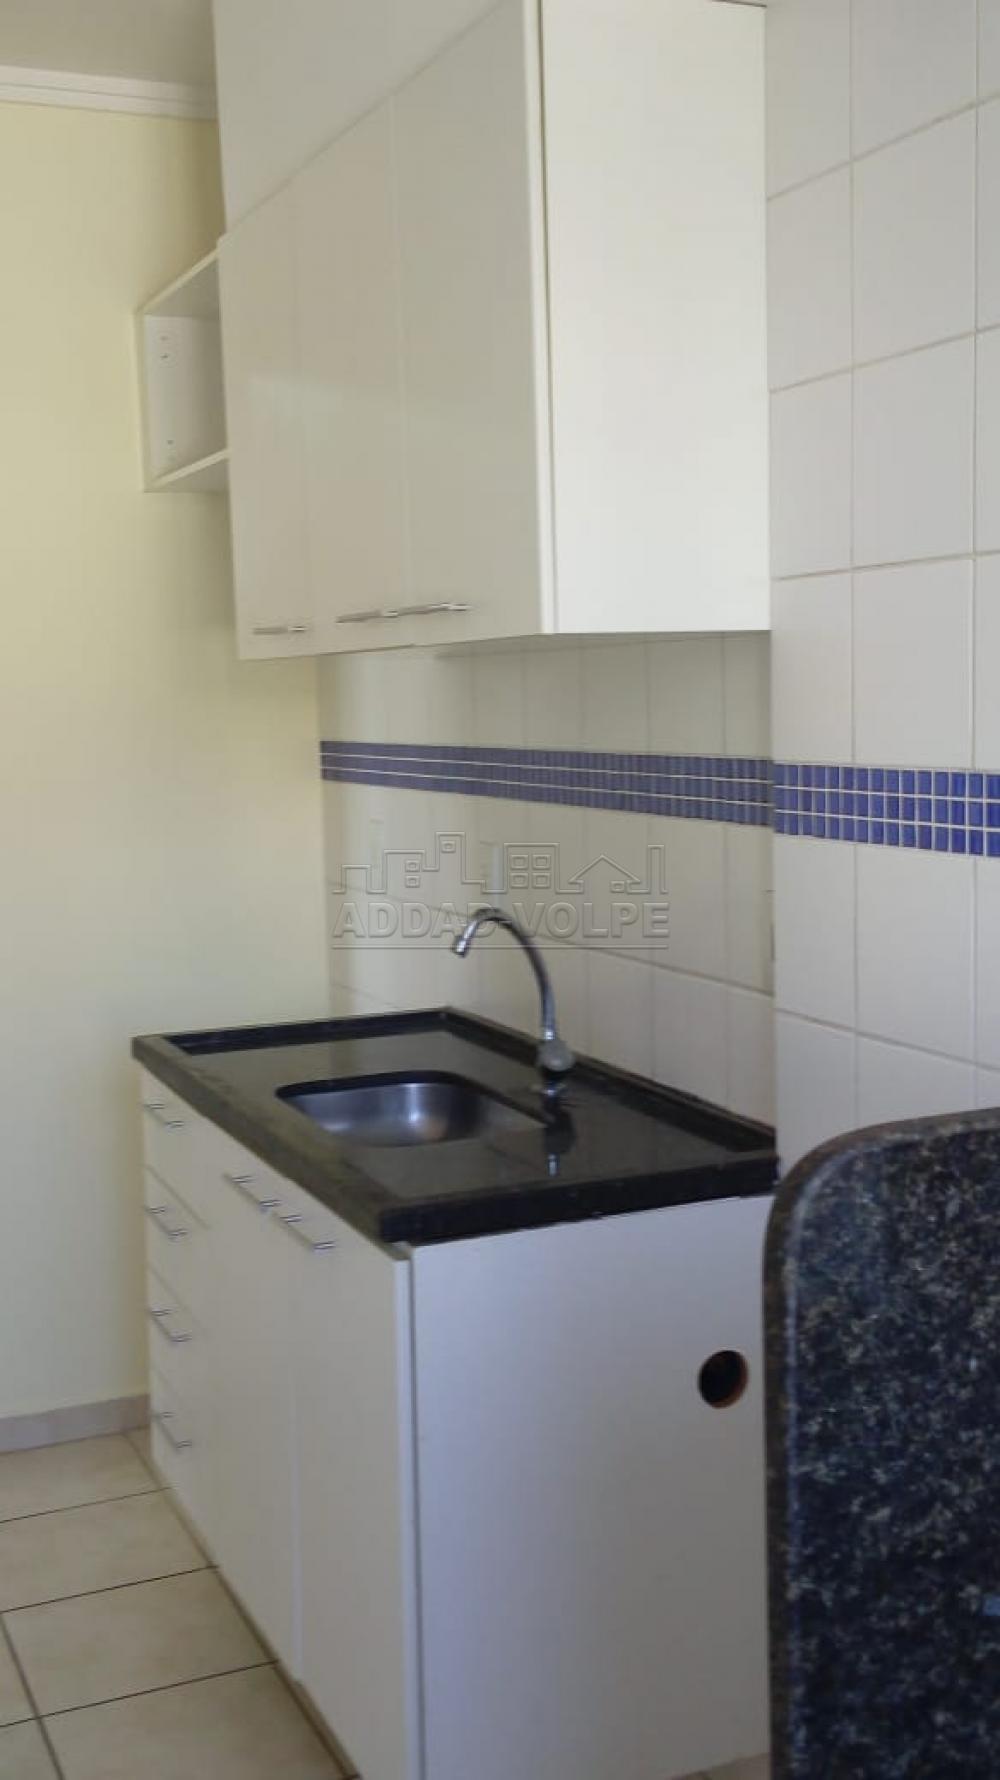 Alugar Apartamento / Padrão em Bauru R$ 850,00 - Foto 4